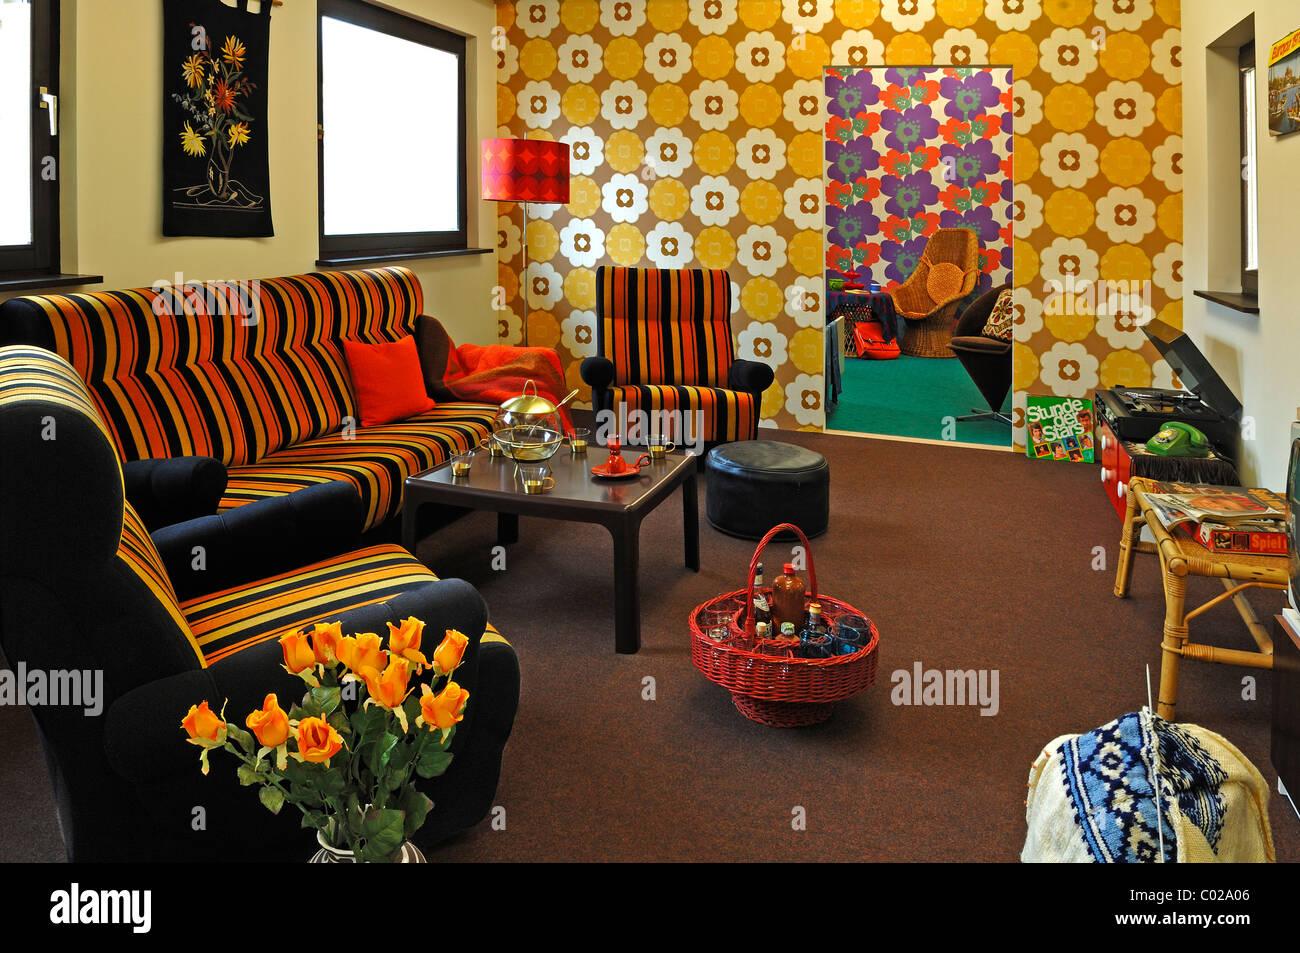 20s Wallpaper Stockfotos und  bilder Kaufen   Alamy